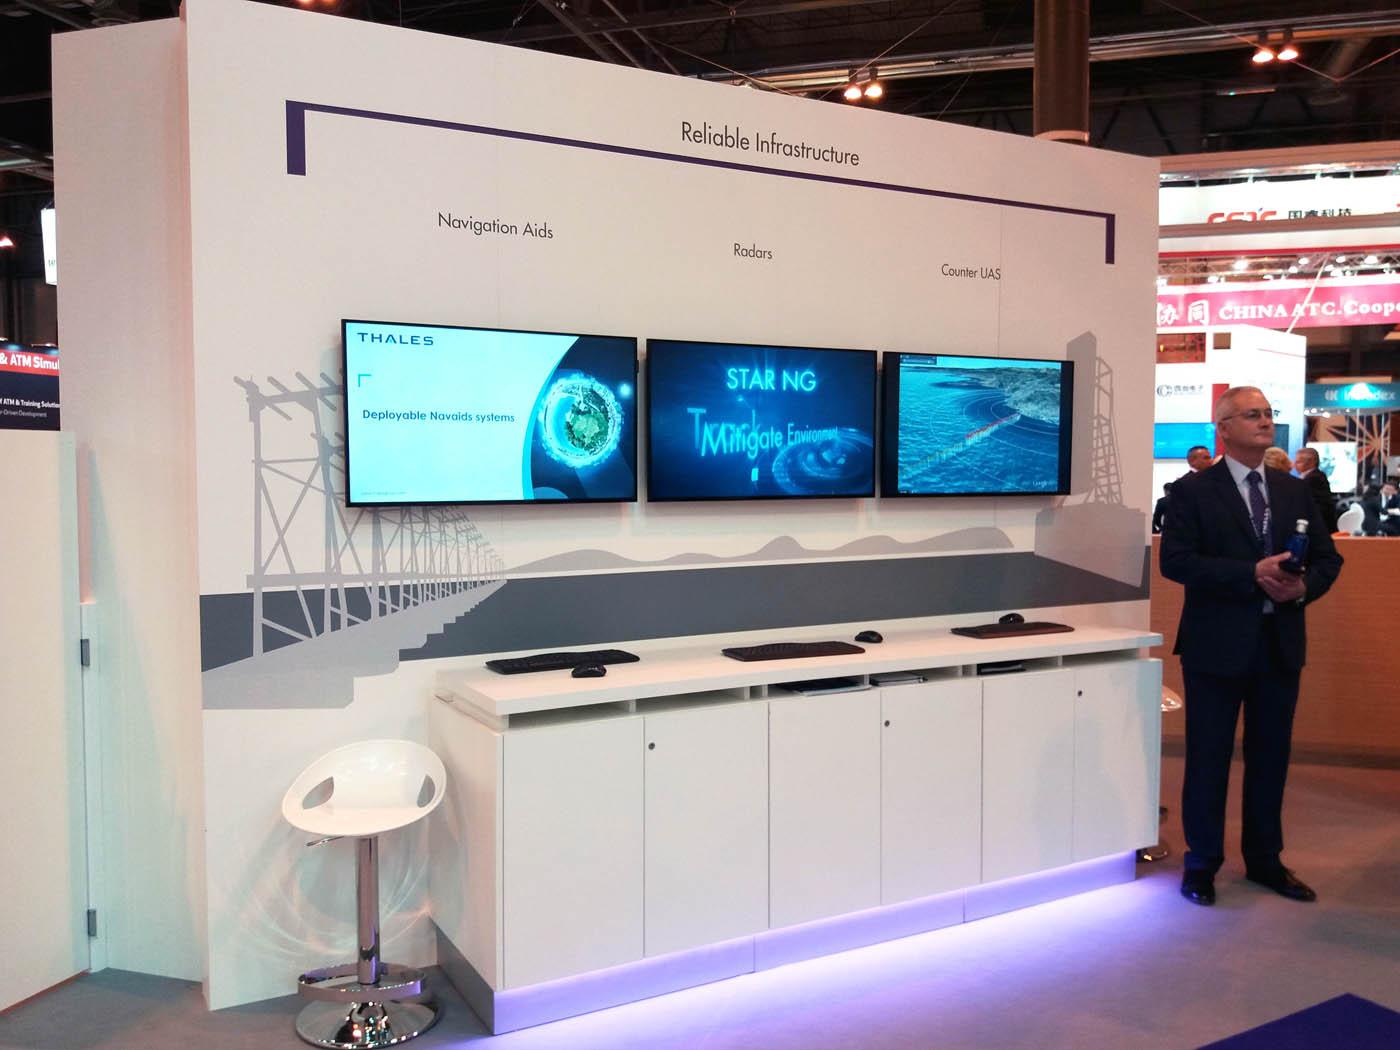 Ayudas a la navegación, radares y counter UAS dentro del estand de Thales en World ATM Congress 2019.